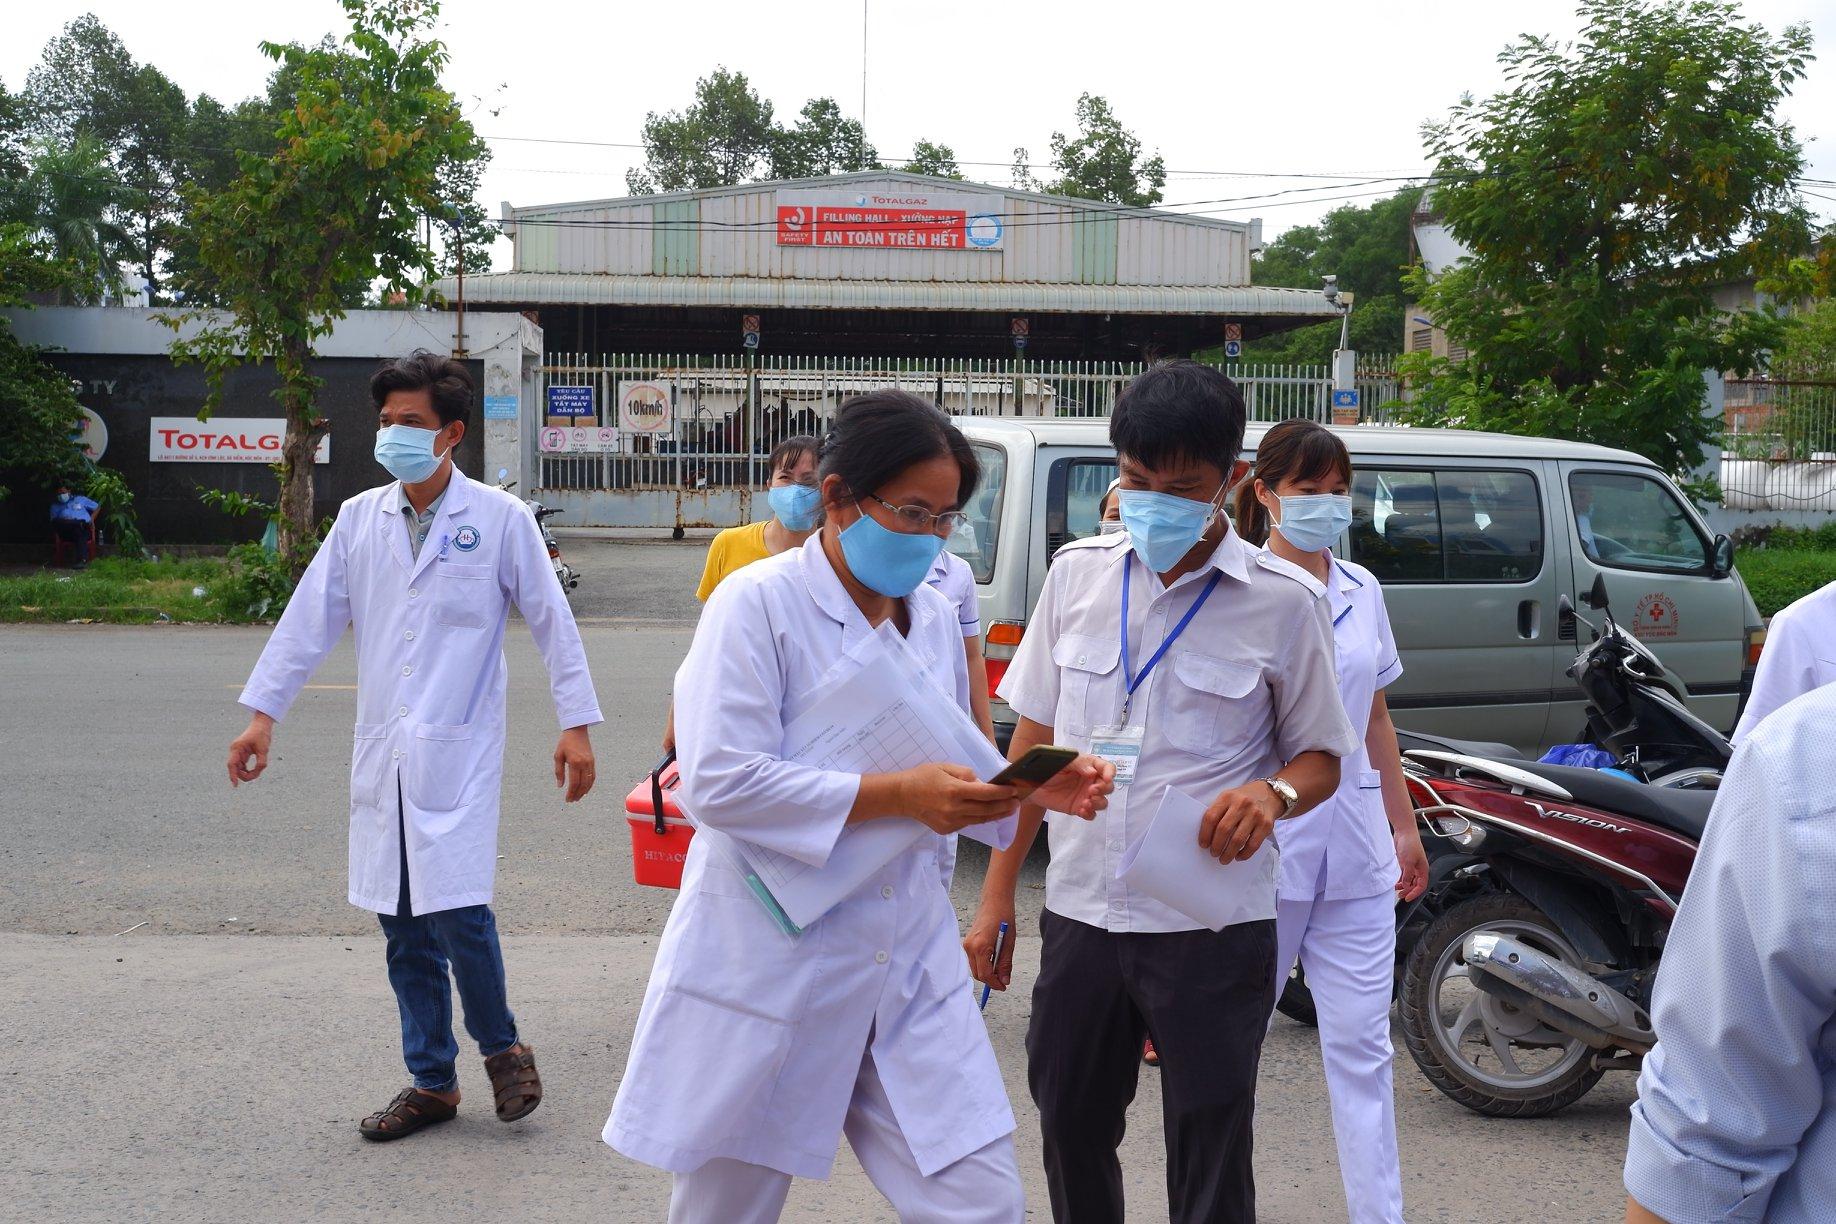 Nhân viên y tế tổ chức lấy mẫu xét nghiệm cho công nhân tại kho hàng ở Khu công nghiệp Vĩnh Lộc